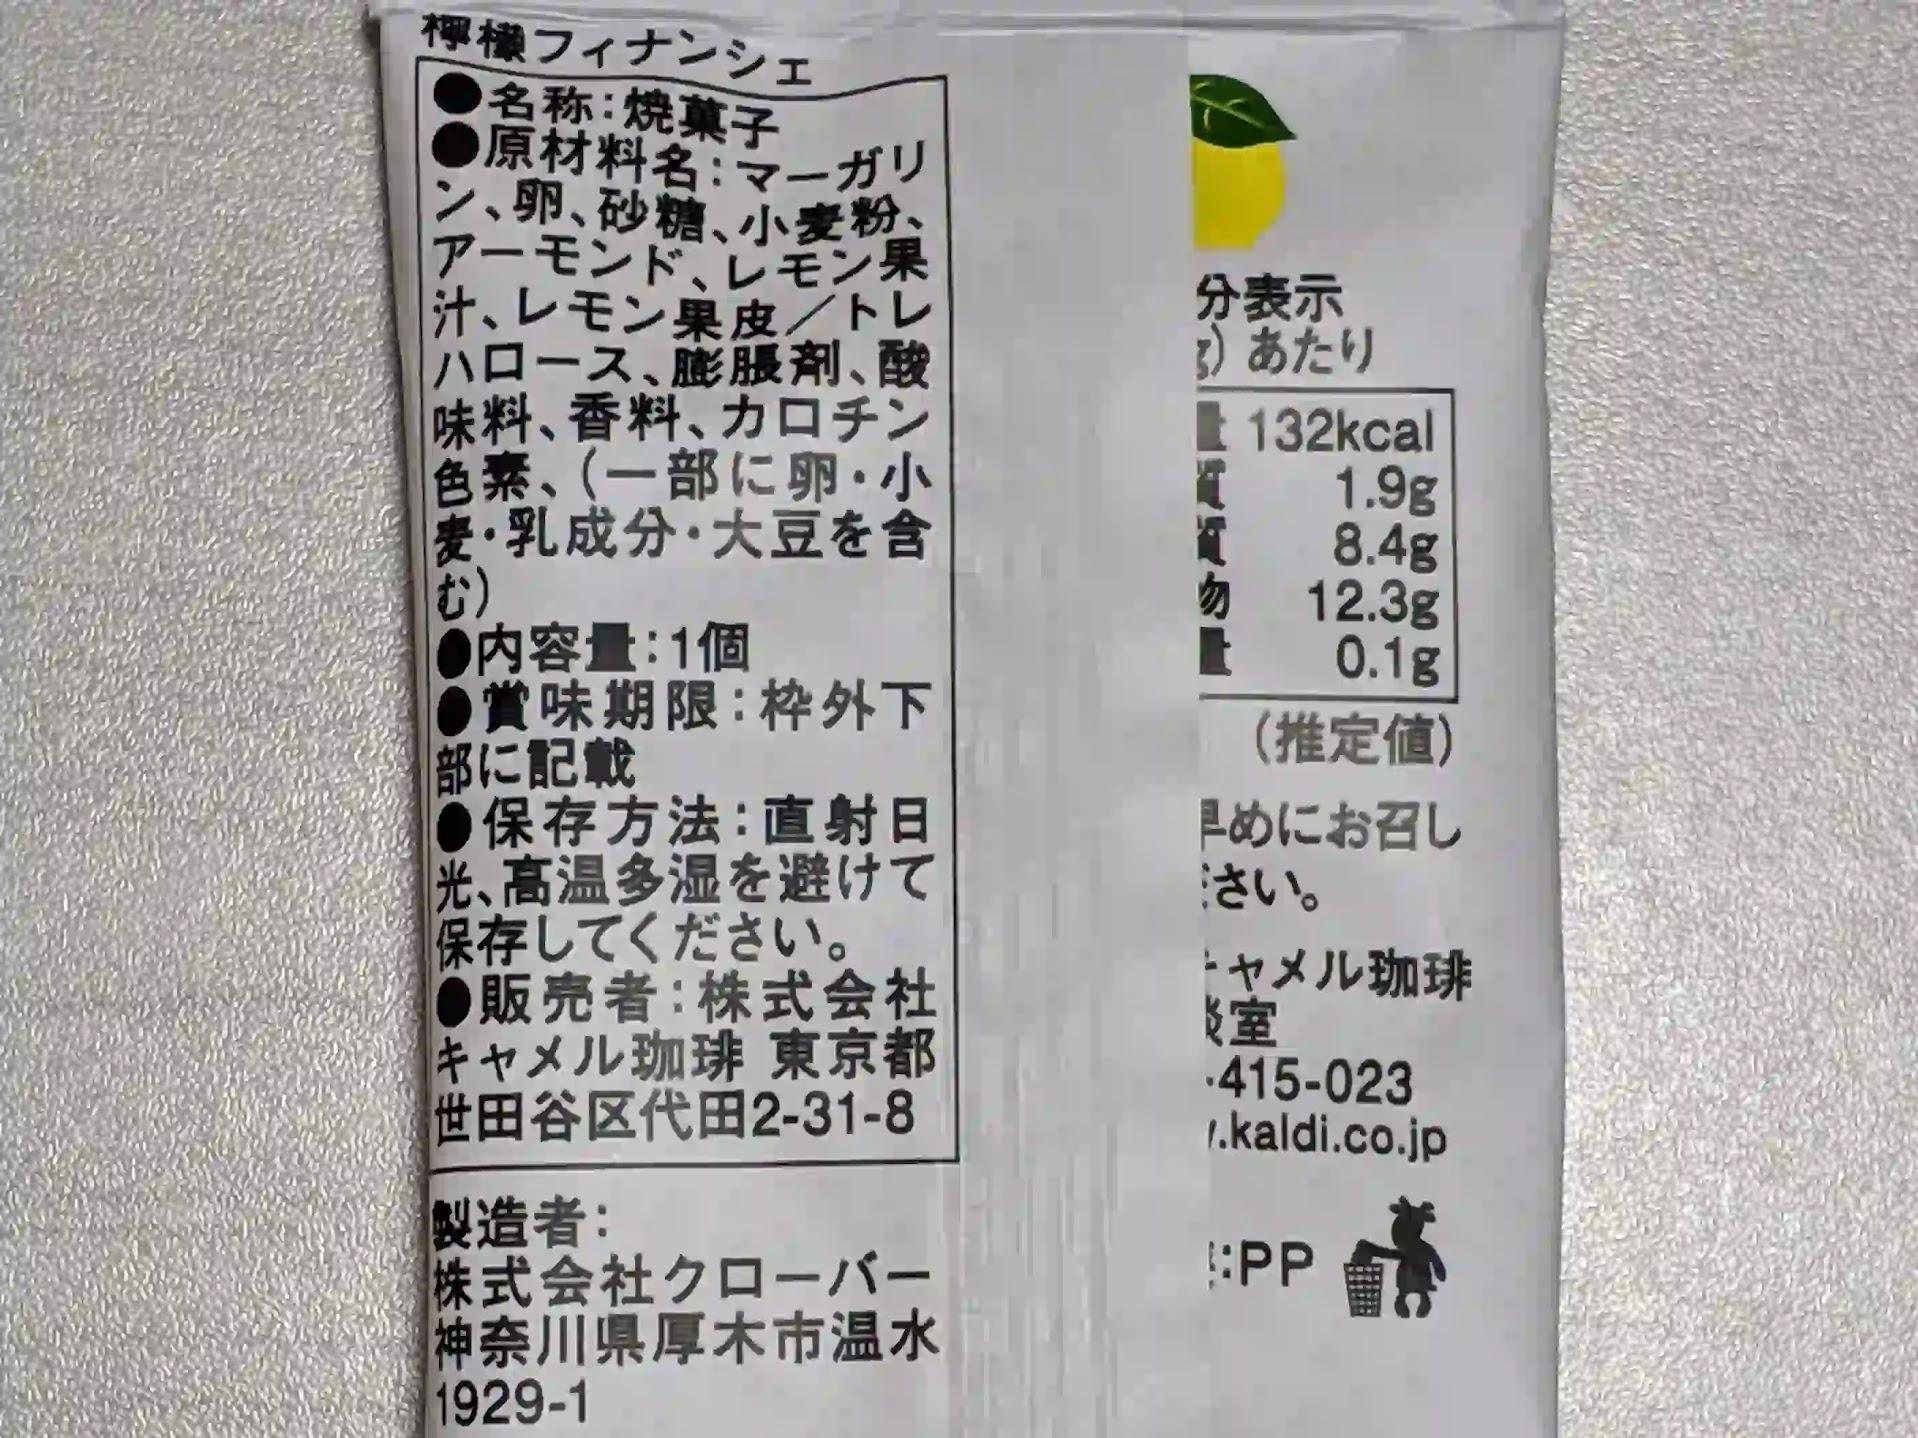 カルディ 檸檬フィナンシェ 栄養成分表示